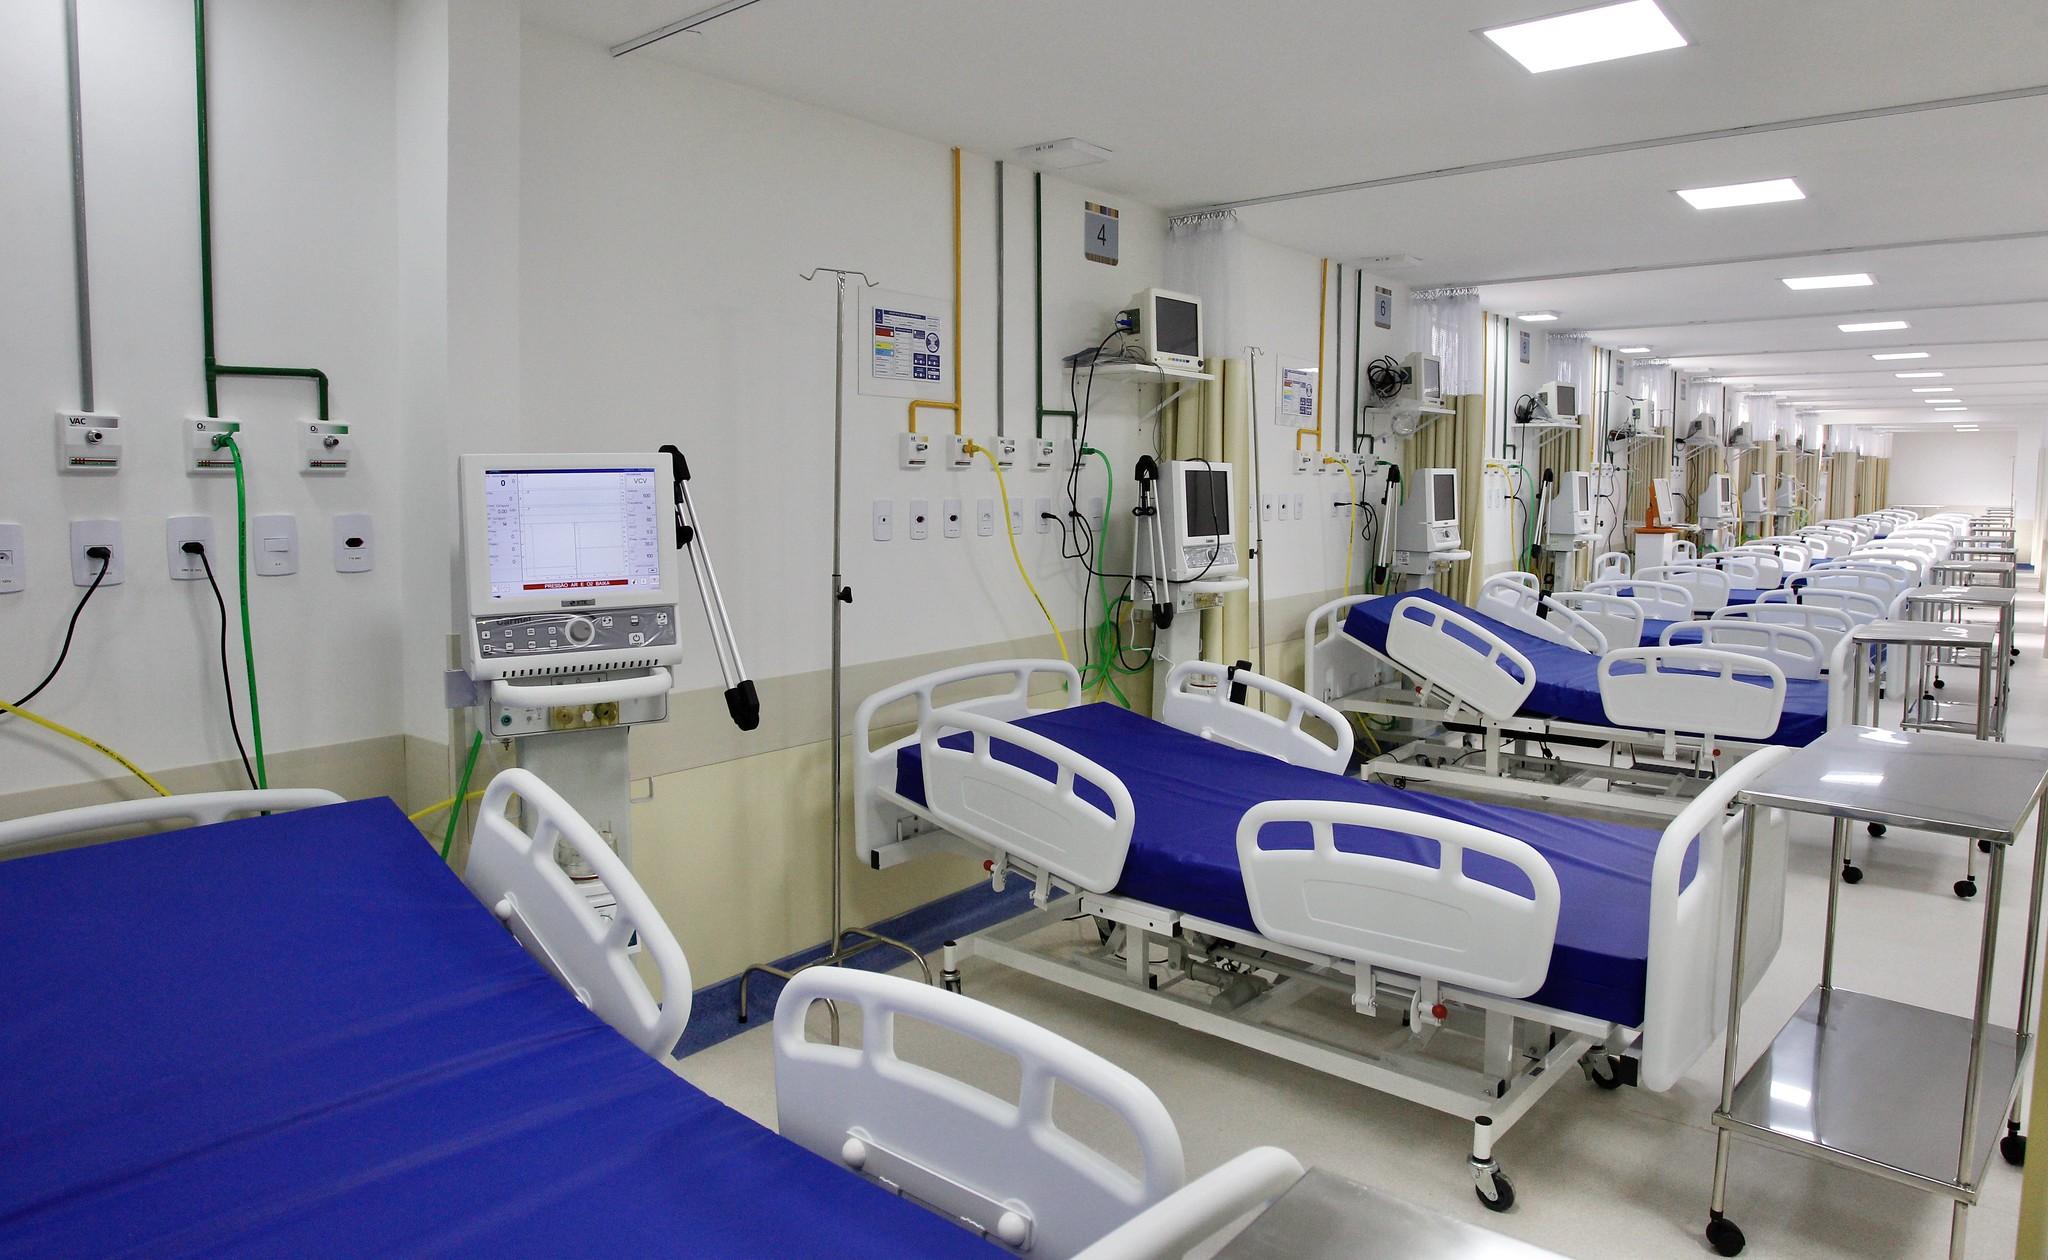 Saúde - hospitais - UTIs internação infraestutura hospitalar orçamento hospitais públicos investimentos leitos hospitalares (inauguração Hospital Municipal São Judas Tadeu, Itaboraí-RJ)